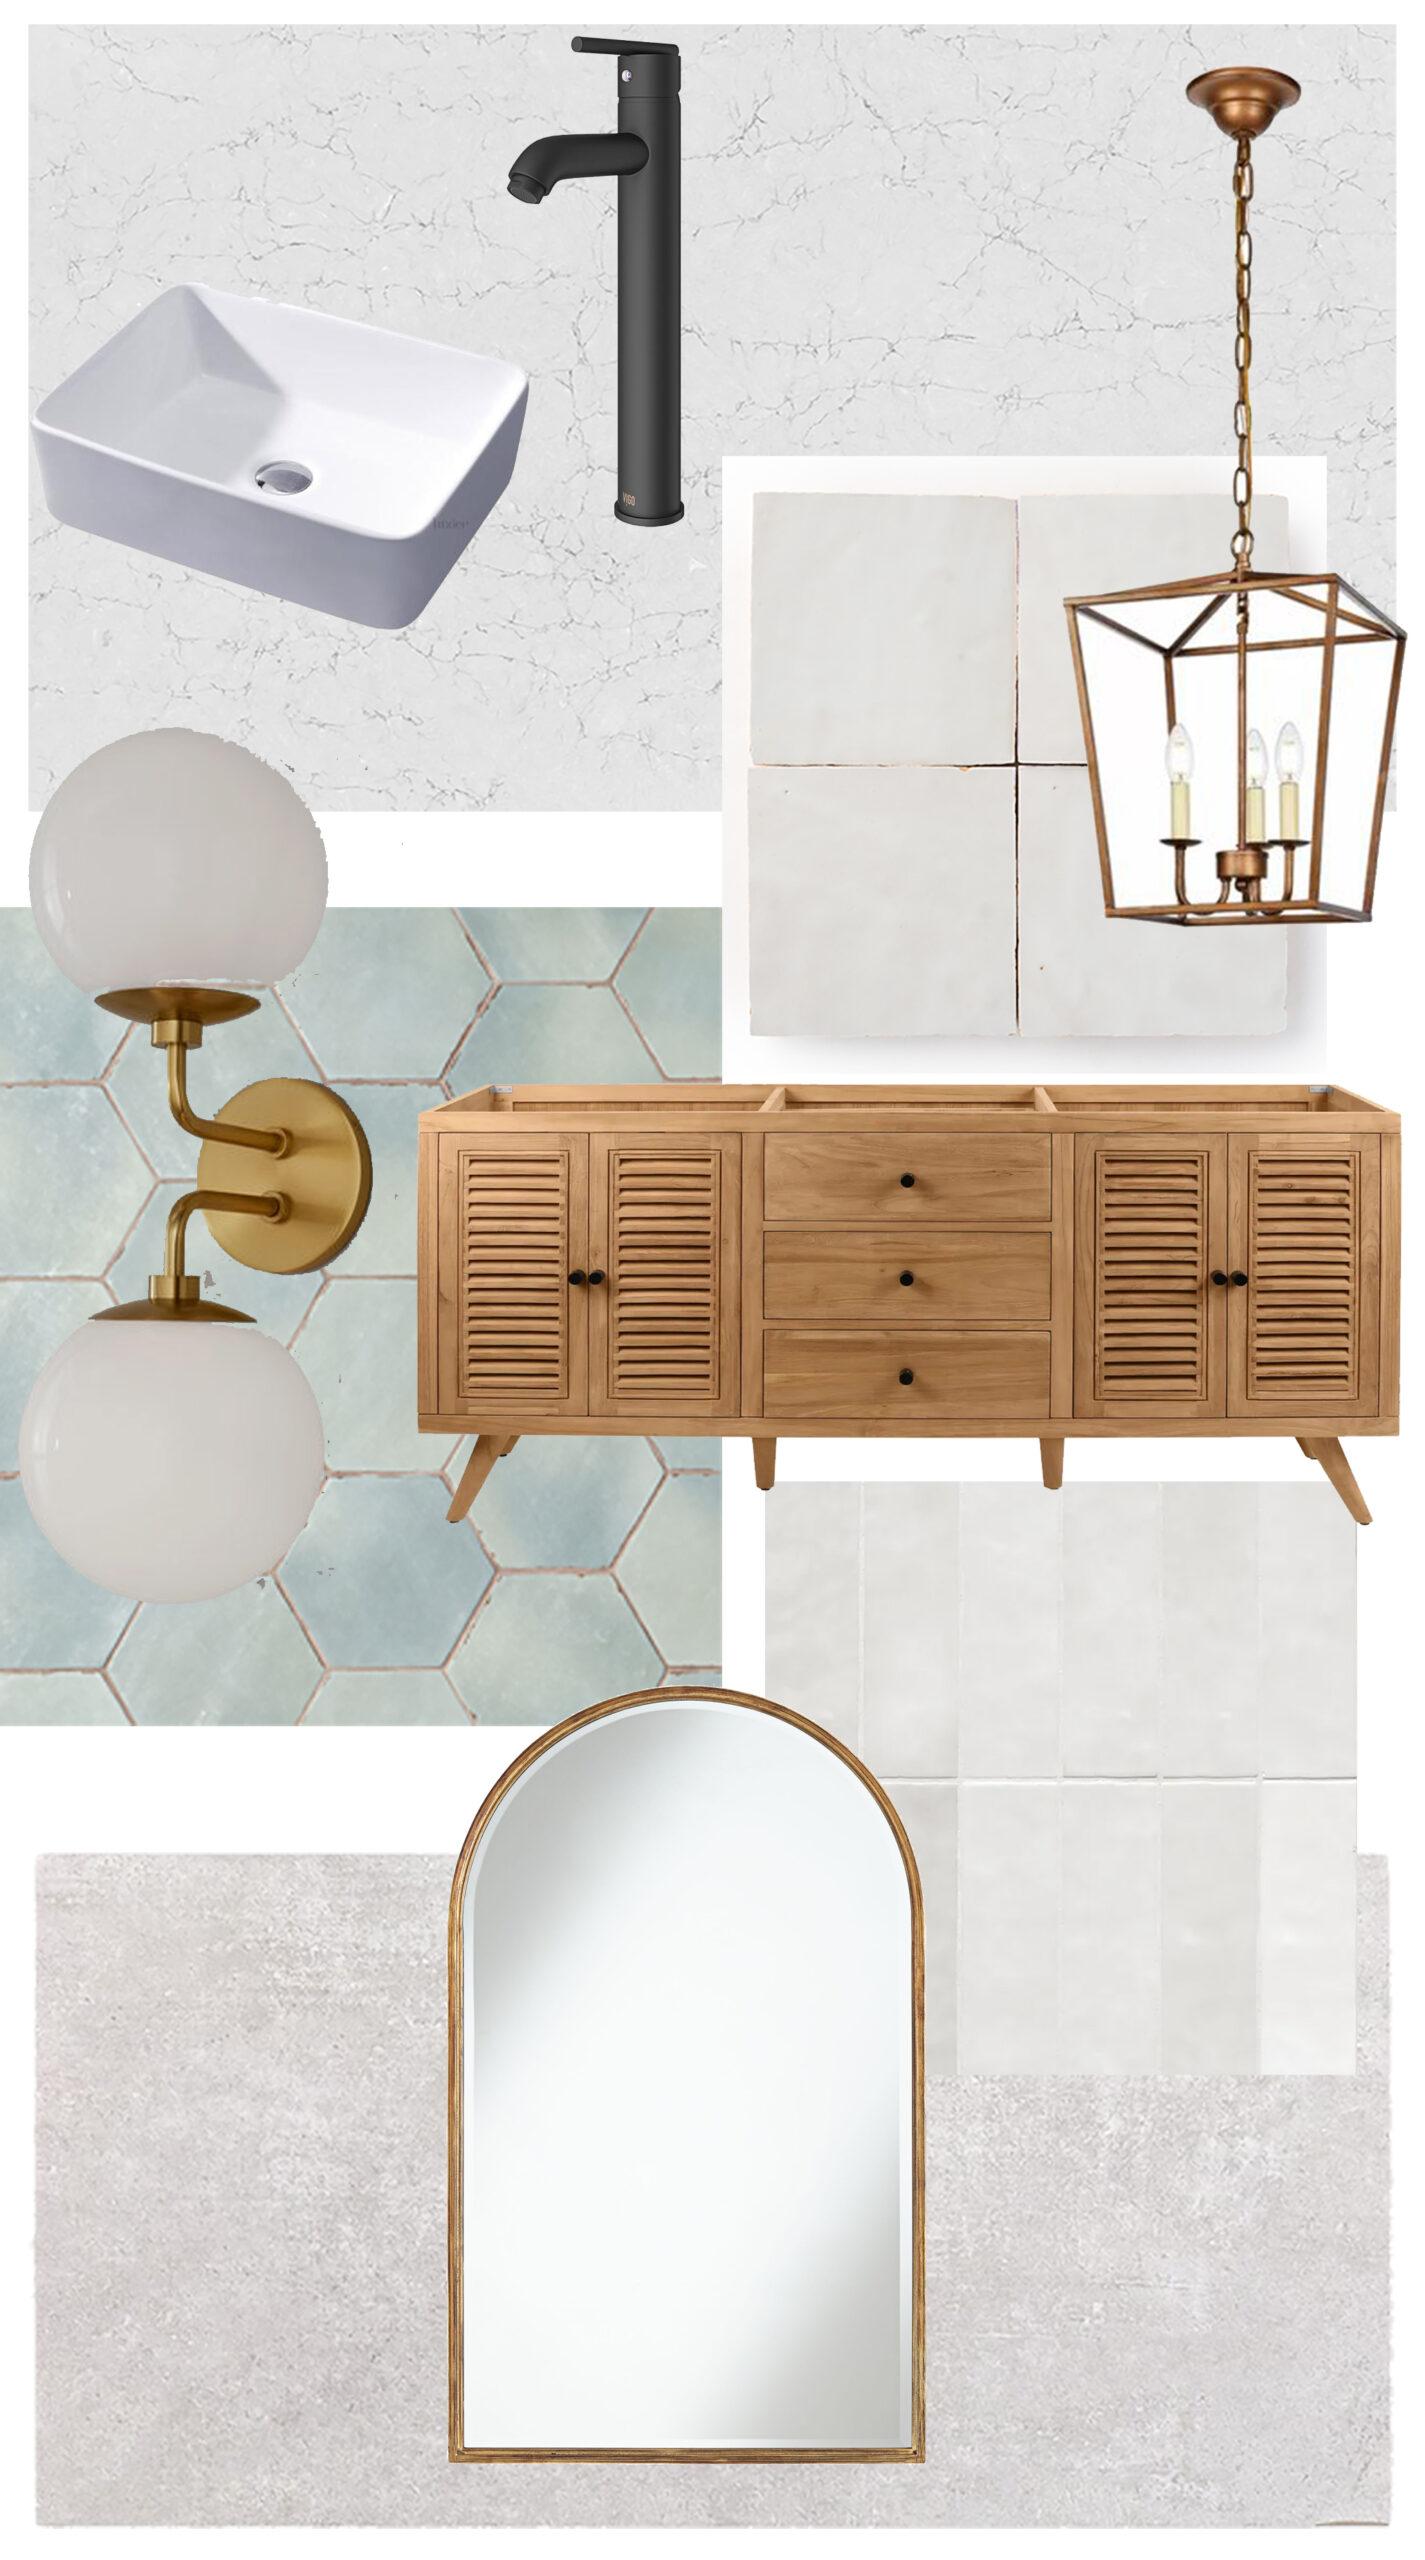 European Farmhouse Bathroom Tile Selection